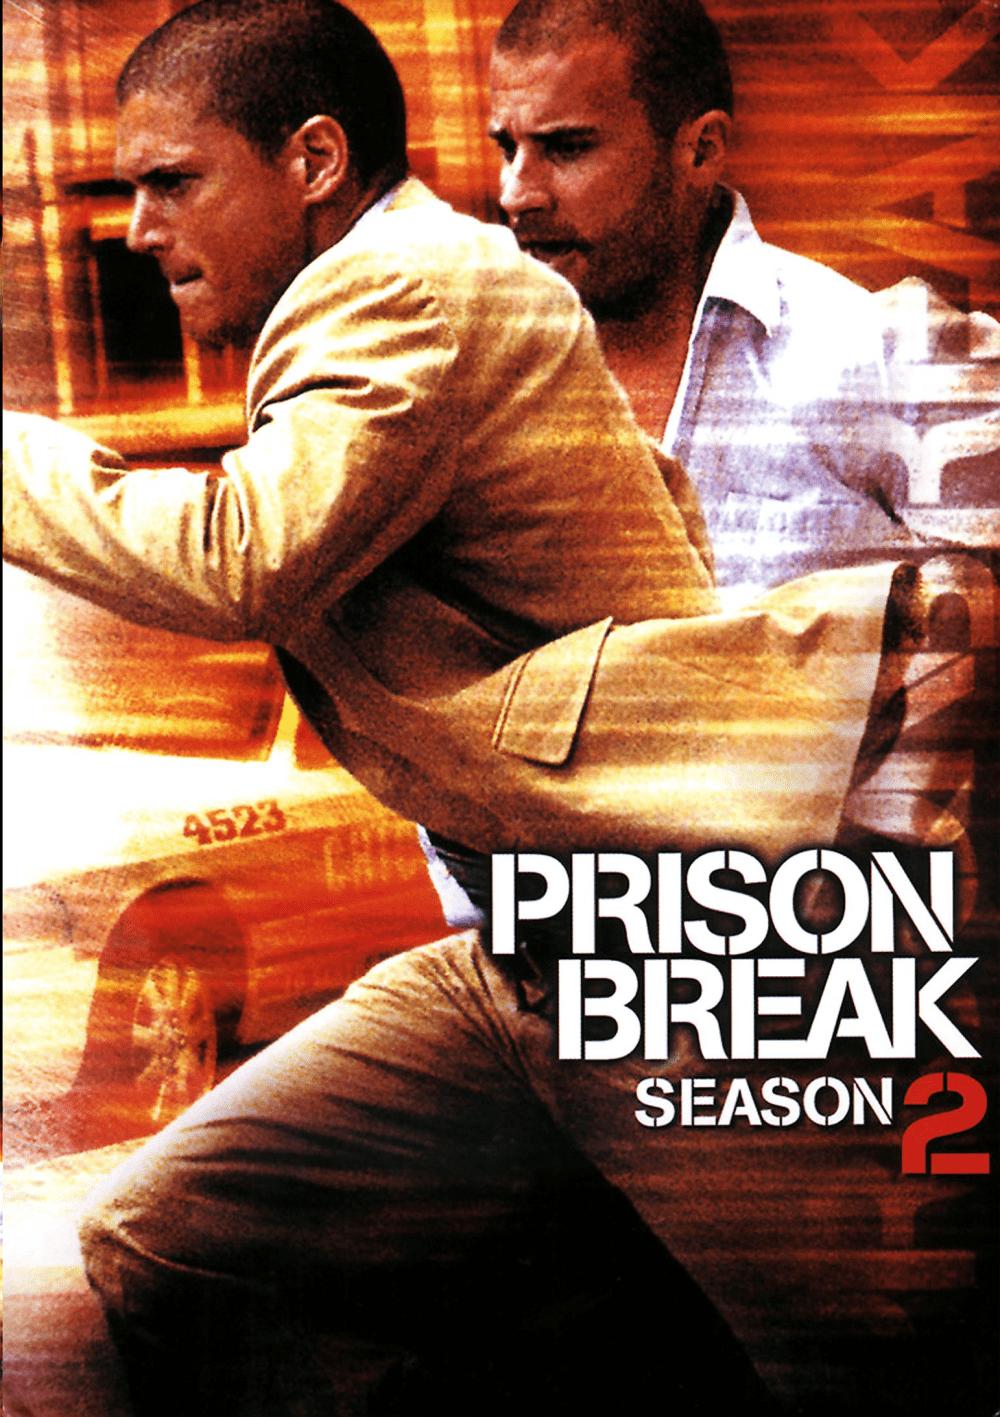 แผนลับแหกคุกนรก PRISON BREAK SEASON 2 พากย์ไทย EP1 – EP22 [จบ]